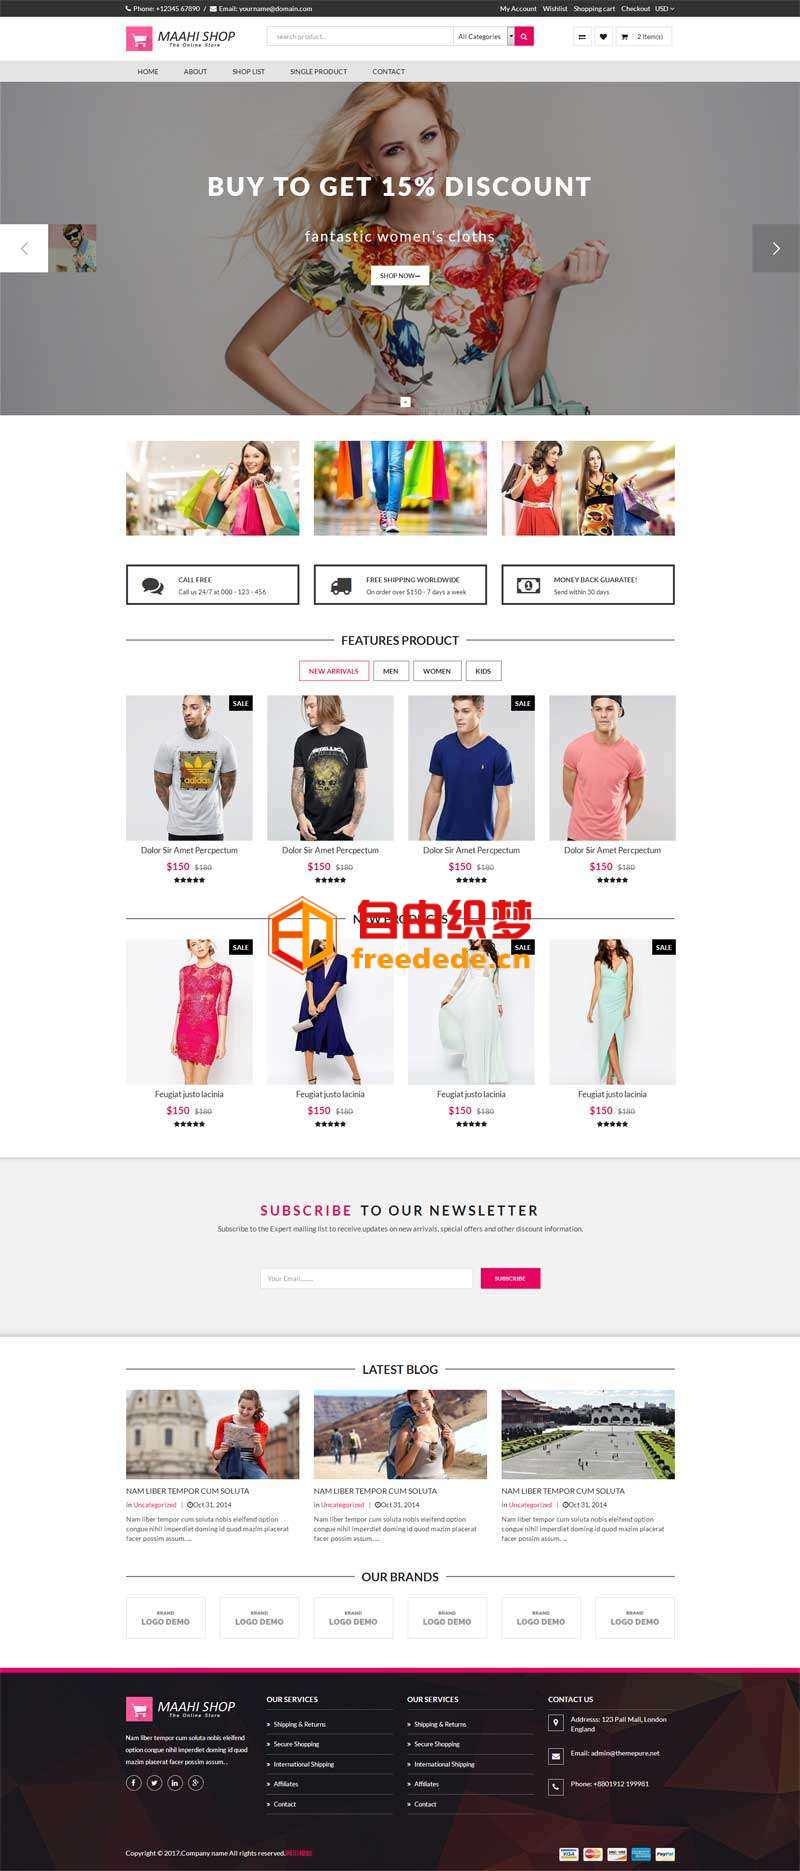 爱上源码网文章html5响应式的时尚男女服装购物商城模板的内容插图